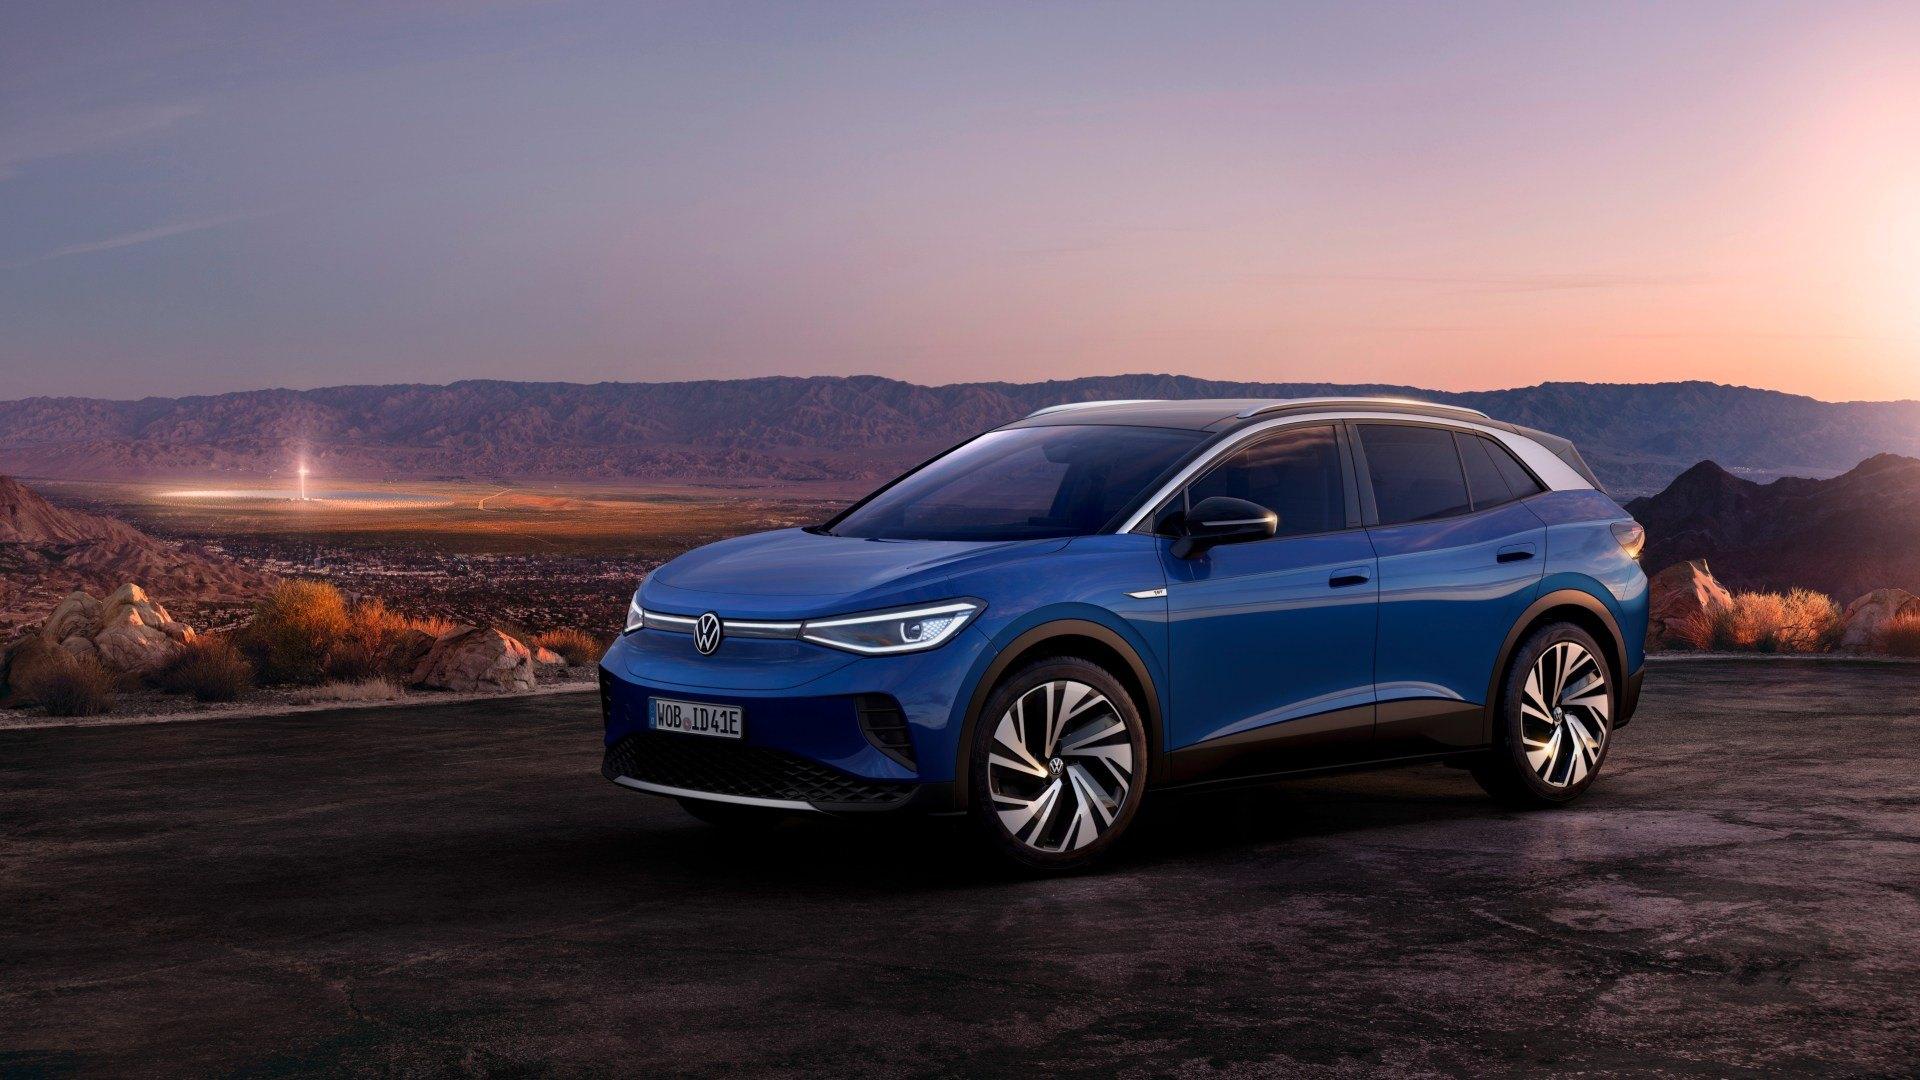 El nuevo Volkswagen ID.4 ya es real y llegará a Europa antes de que finalice 2020